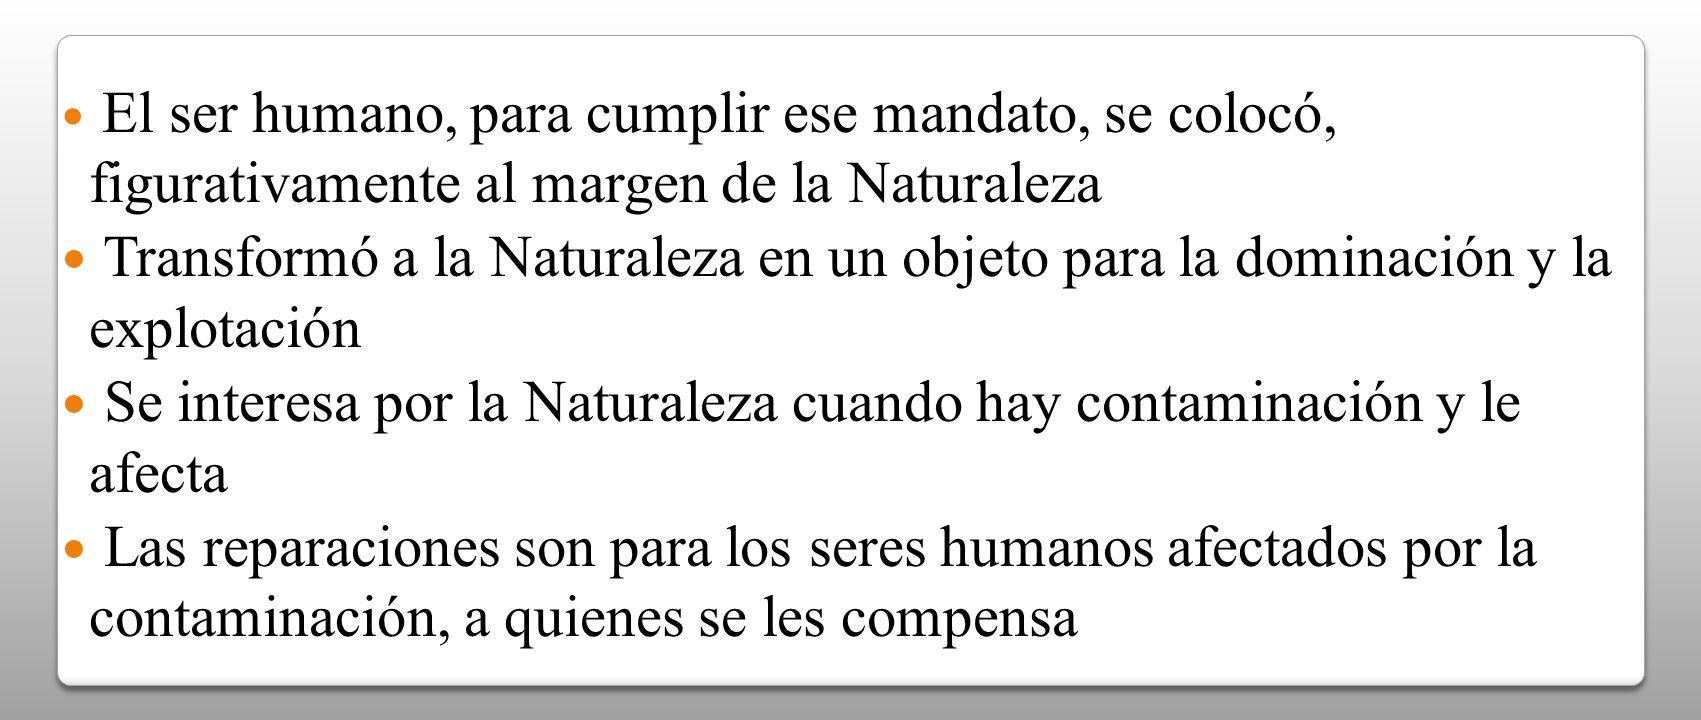 Se interesa por la Naturaleza cuando hay contaminación y le afecta